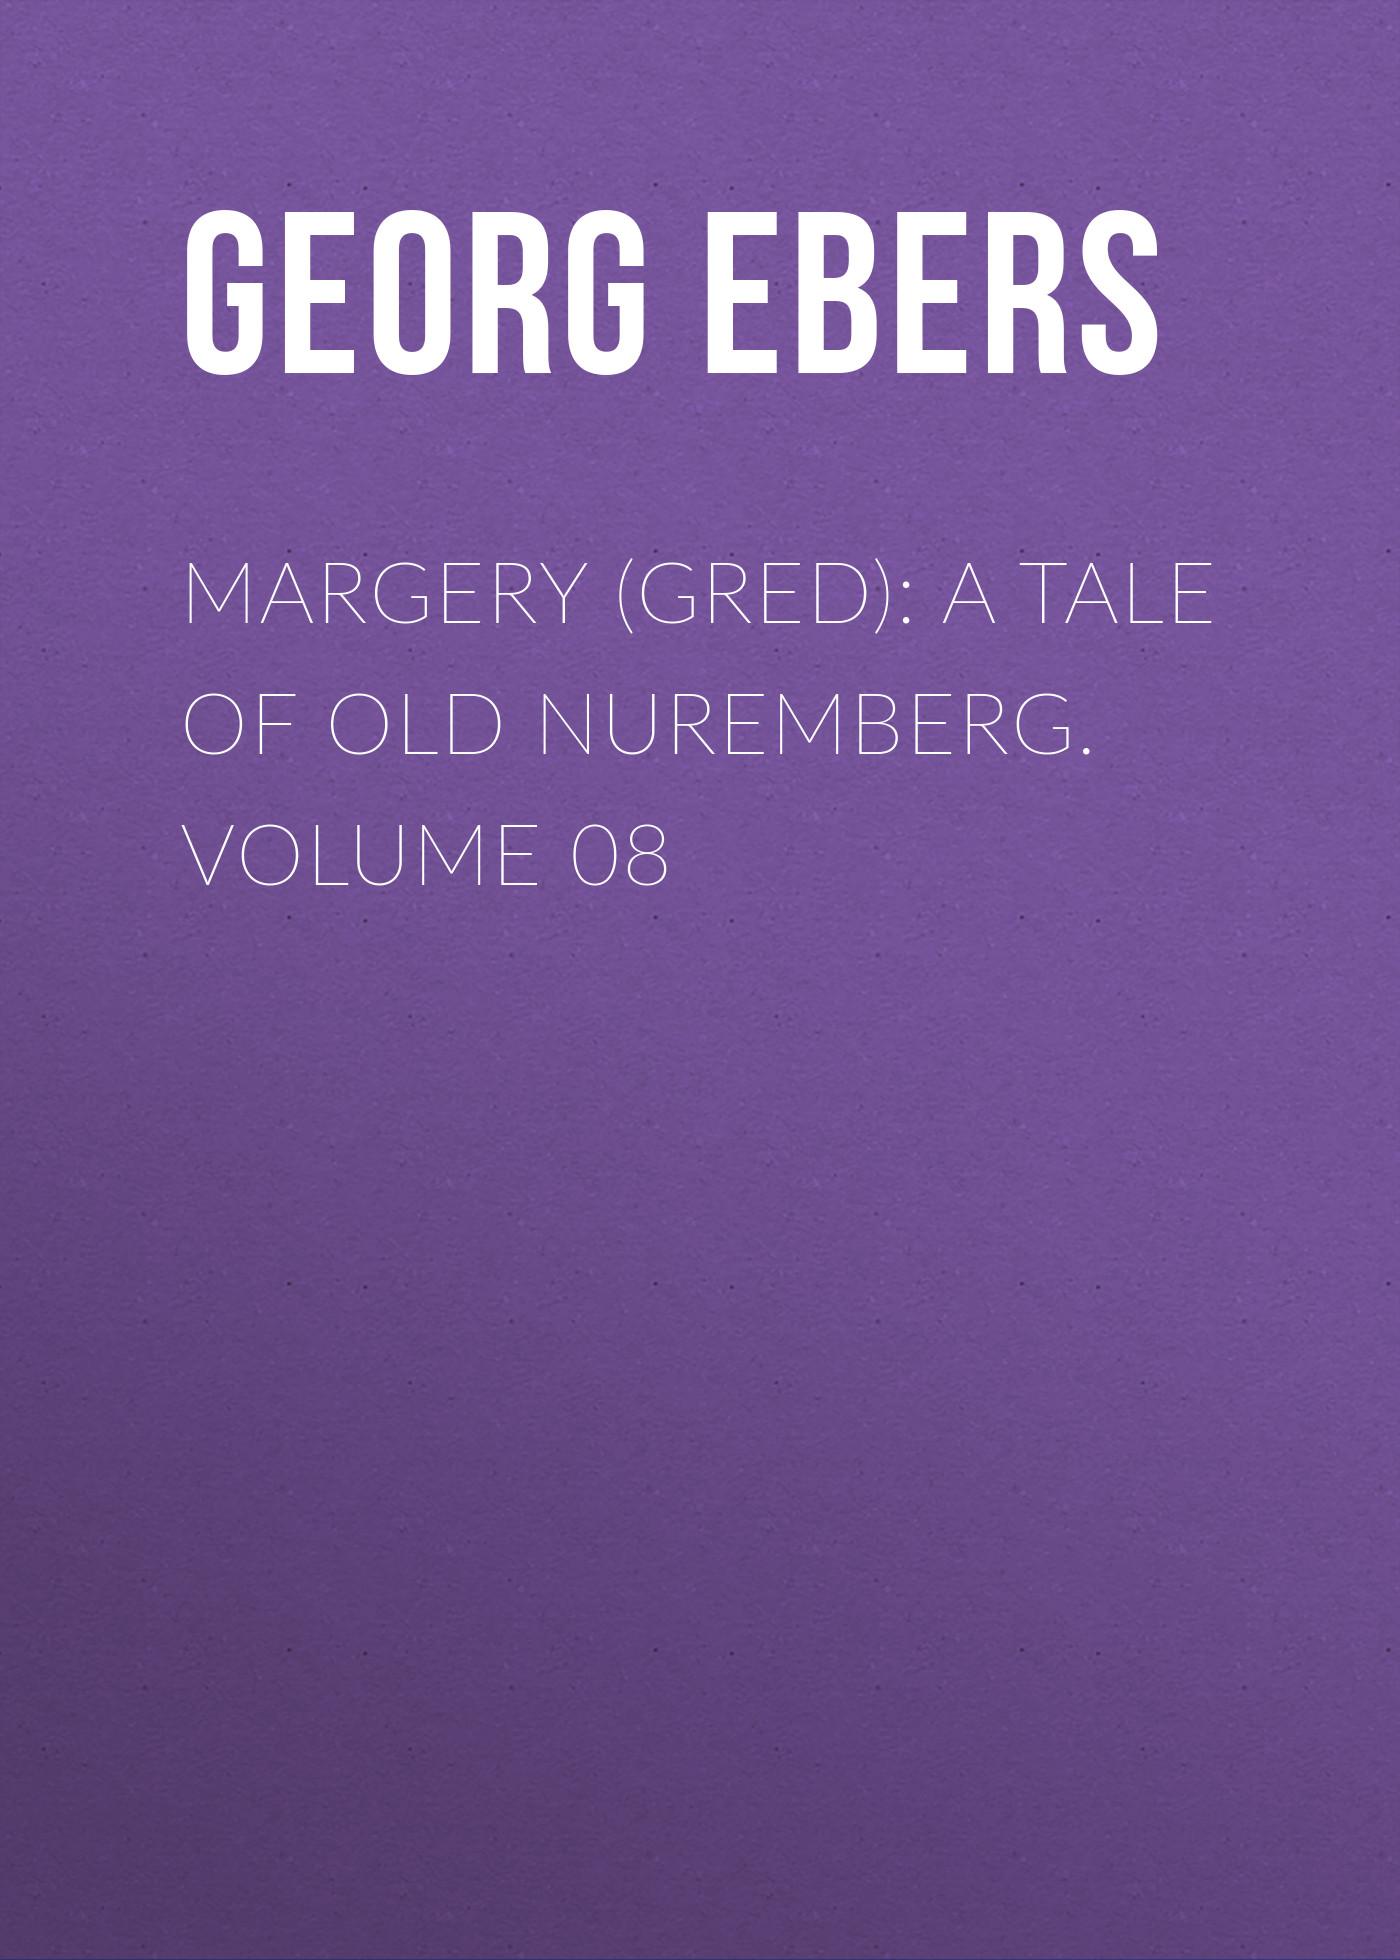 Georg Ebers Margery (Gred): A Tale Of Old Nuremberg. Volume 08 georg ebers homo sum volume 02